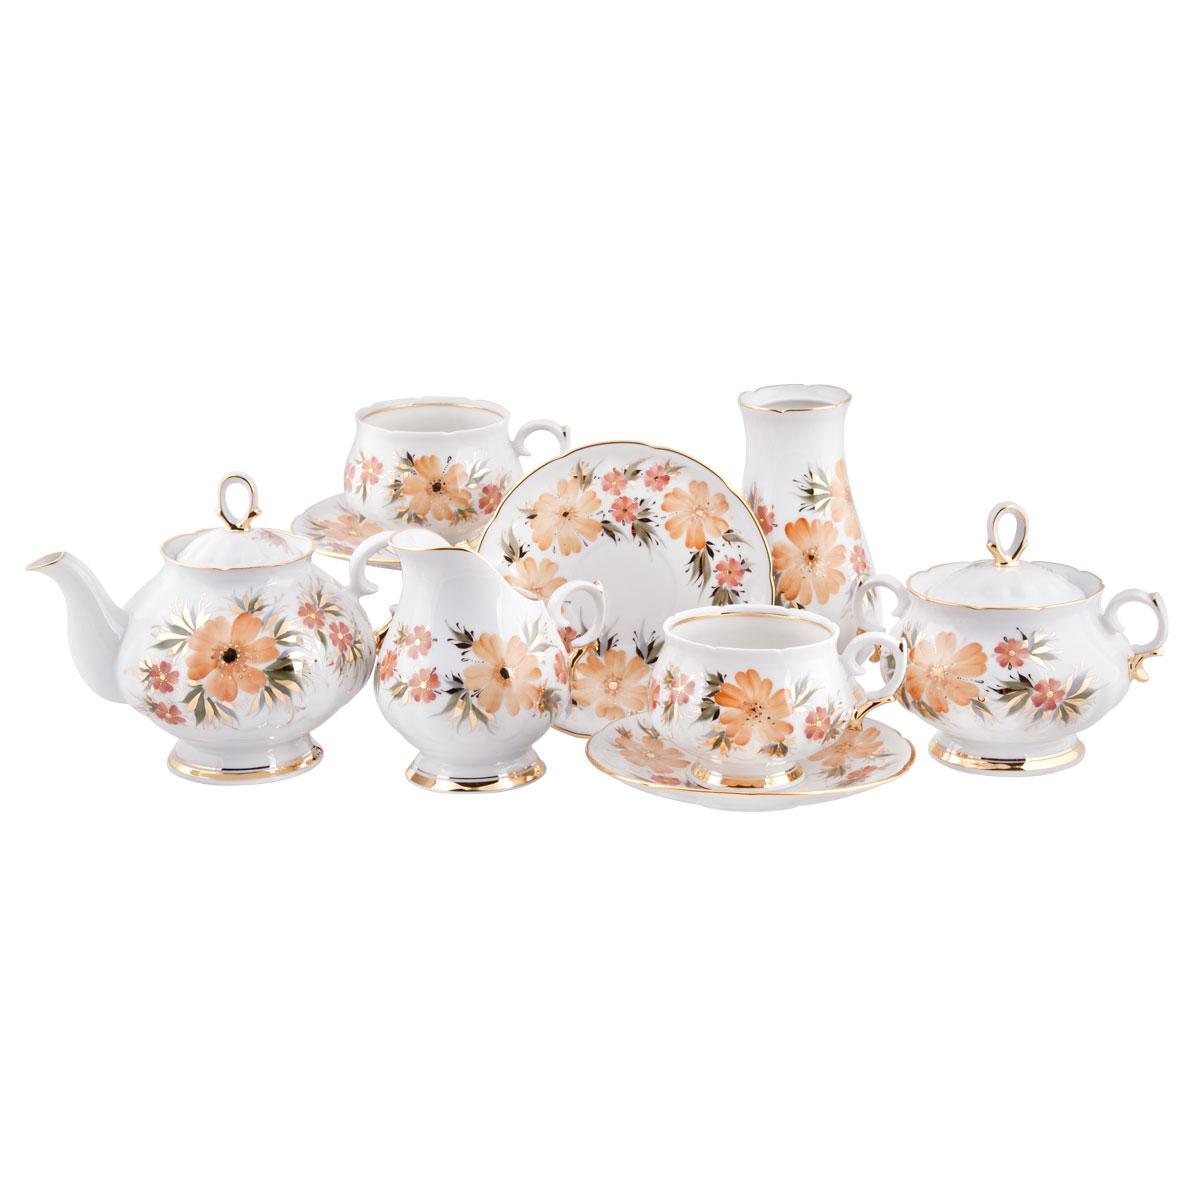 Сервиз чайный Башфарфор Рассвет, 16 предметовСЧН 01.16.2.Ж.03Сервиз чайный из белого фарфора рассчитан на 6 персон. Тонкий белый фарфор.Изумительная посуда для настоящих ценителей с хорошим вкусом, подходит и для особых случаев и на каждый день.В состав набора входит: чашка 250мл 6 шт, блюдце 14,5см 6 шт, сахарница 300мл 1шт, чайник 600мл 1 шт, Молочник 250мл 1шт, ваза 1шт.